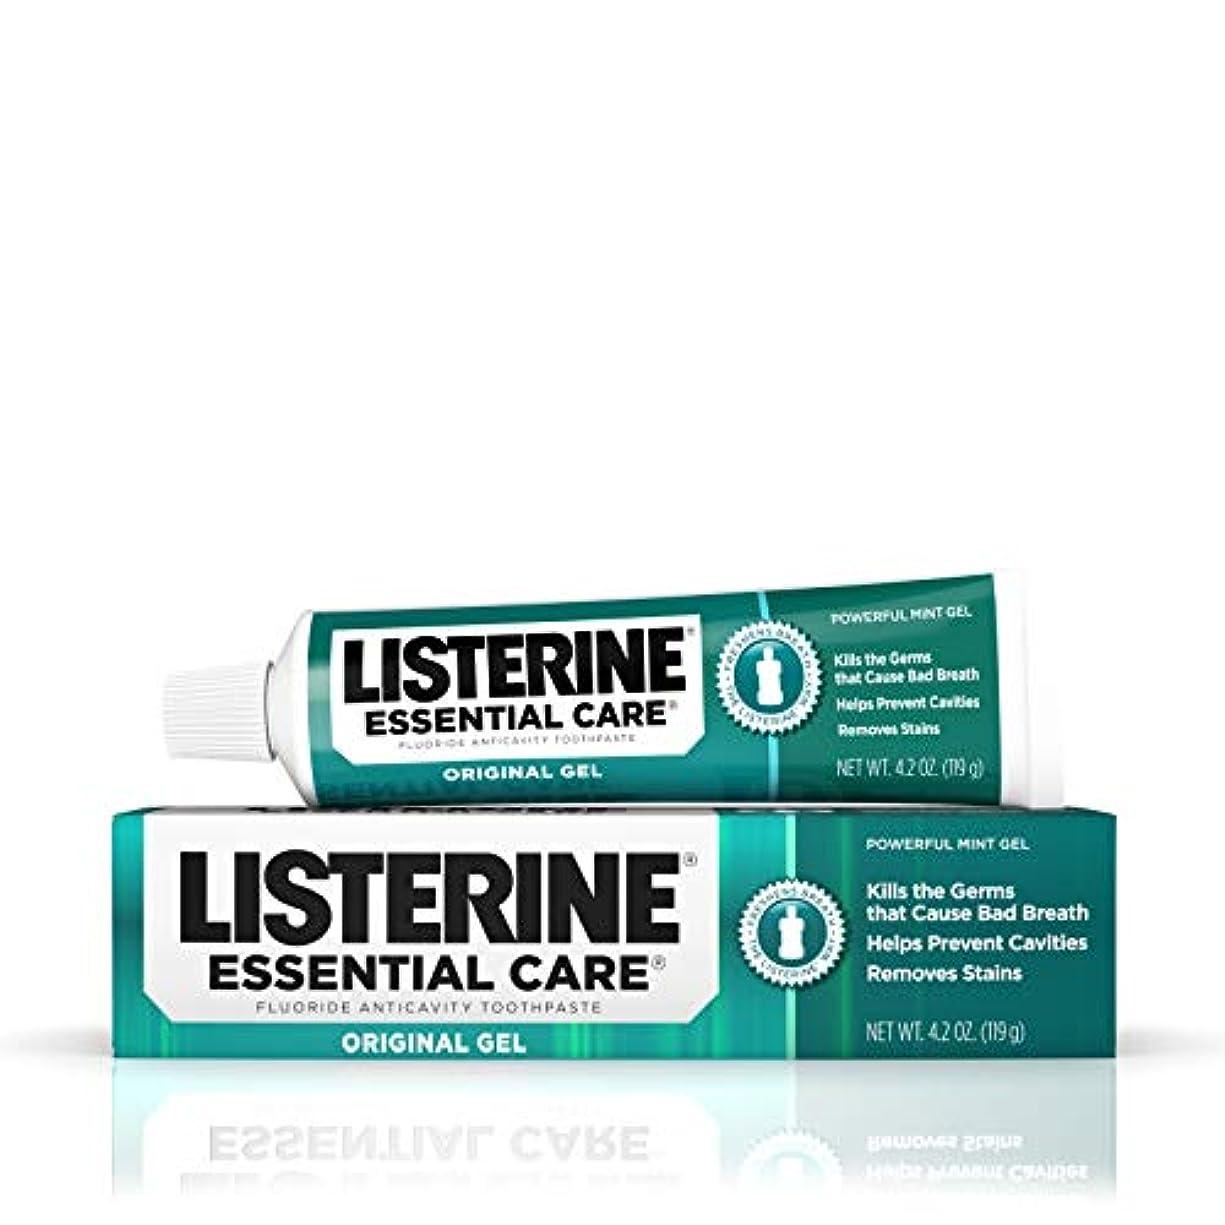 過敏な王族あご海外直送品Listerine Essential Care Toothpaste Gel Original, Powerful Mint 4.2 oz by Listerine